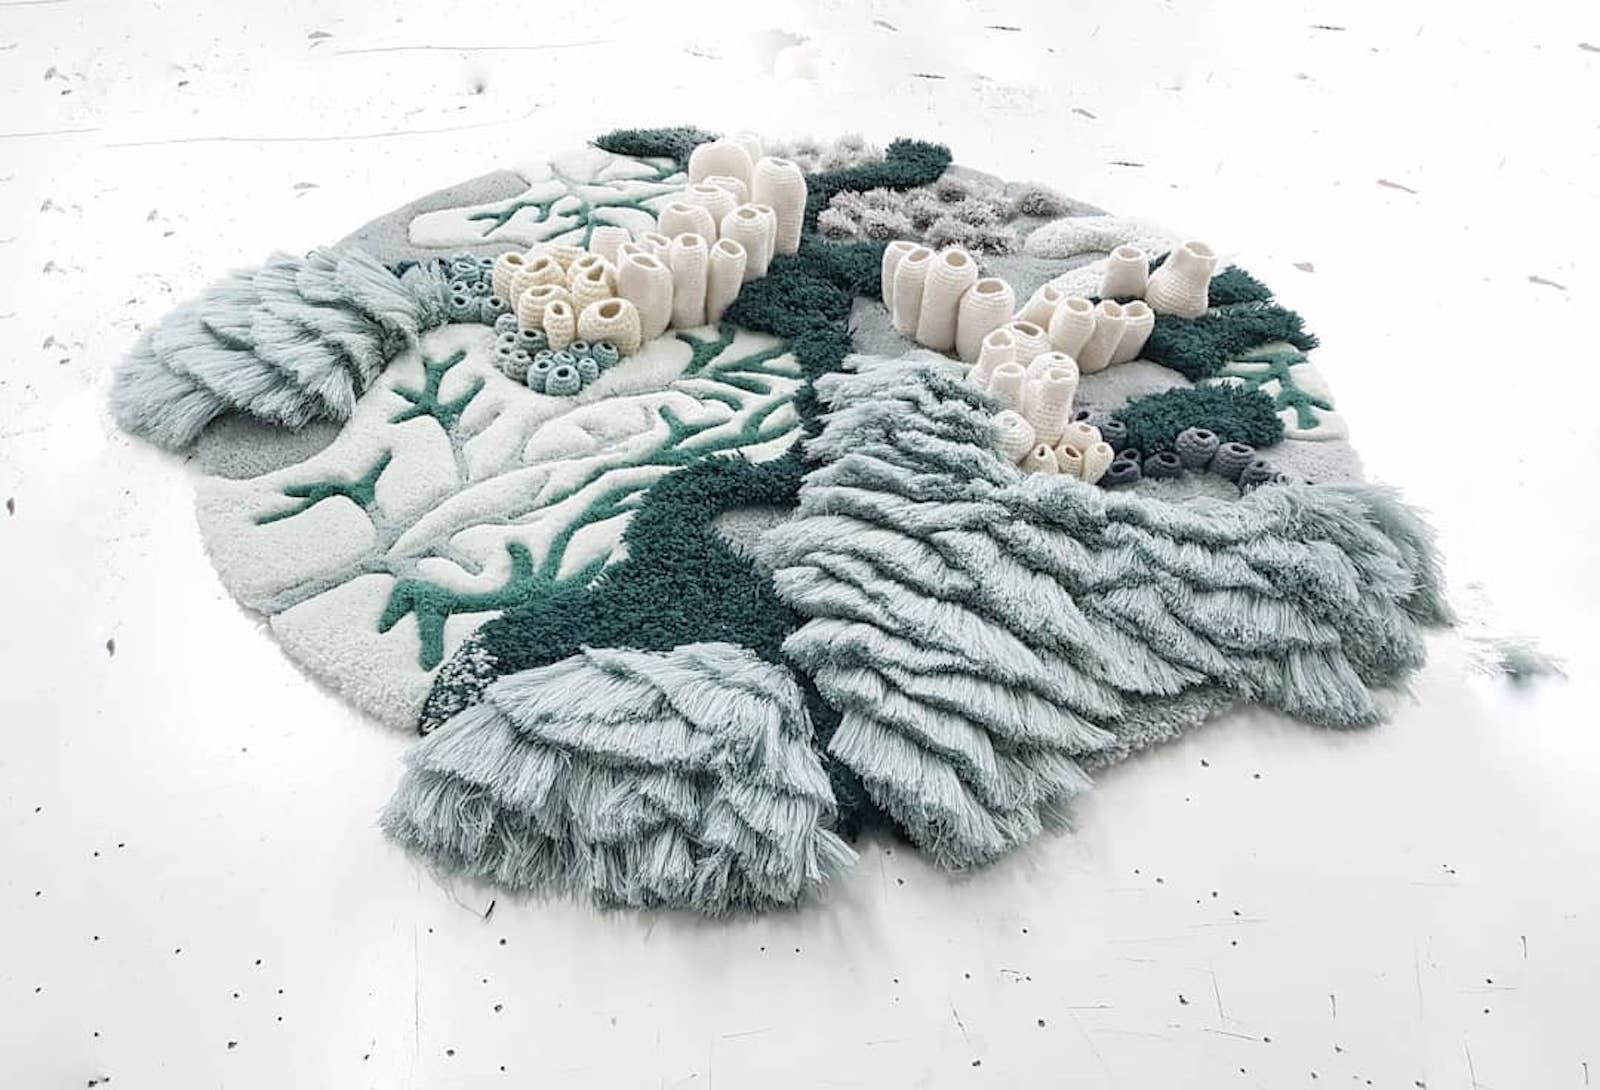 Vanessa Barragos Tapestries Depict Diverse Underwater